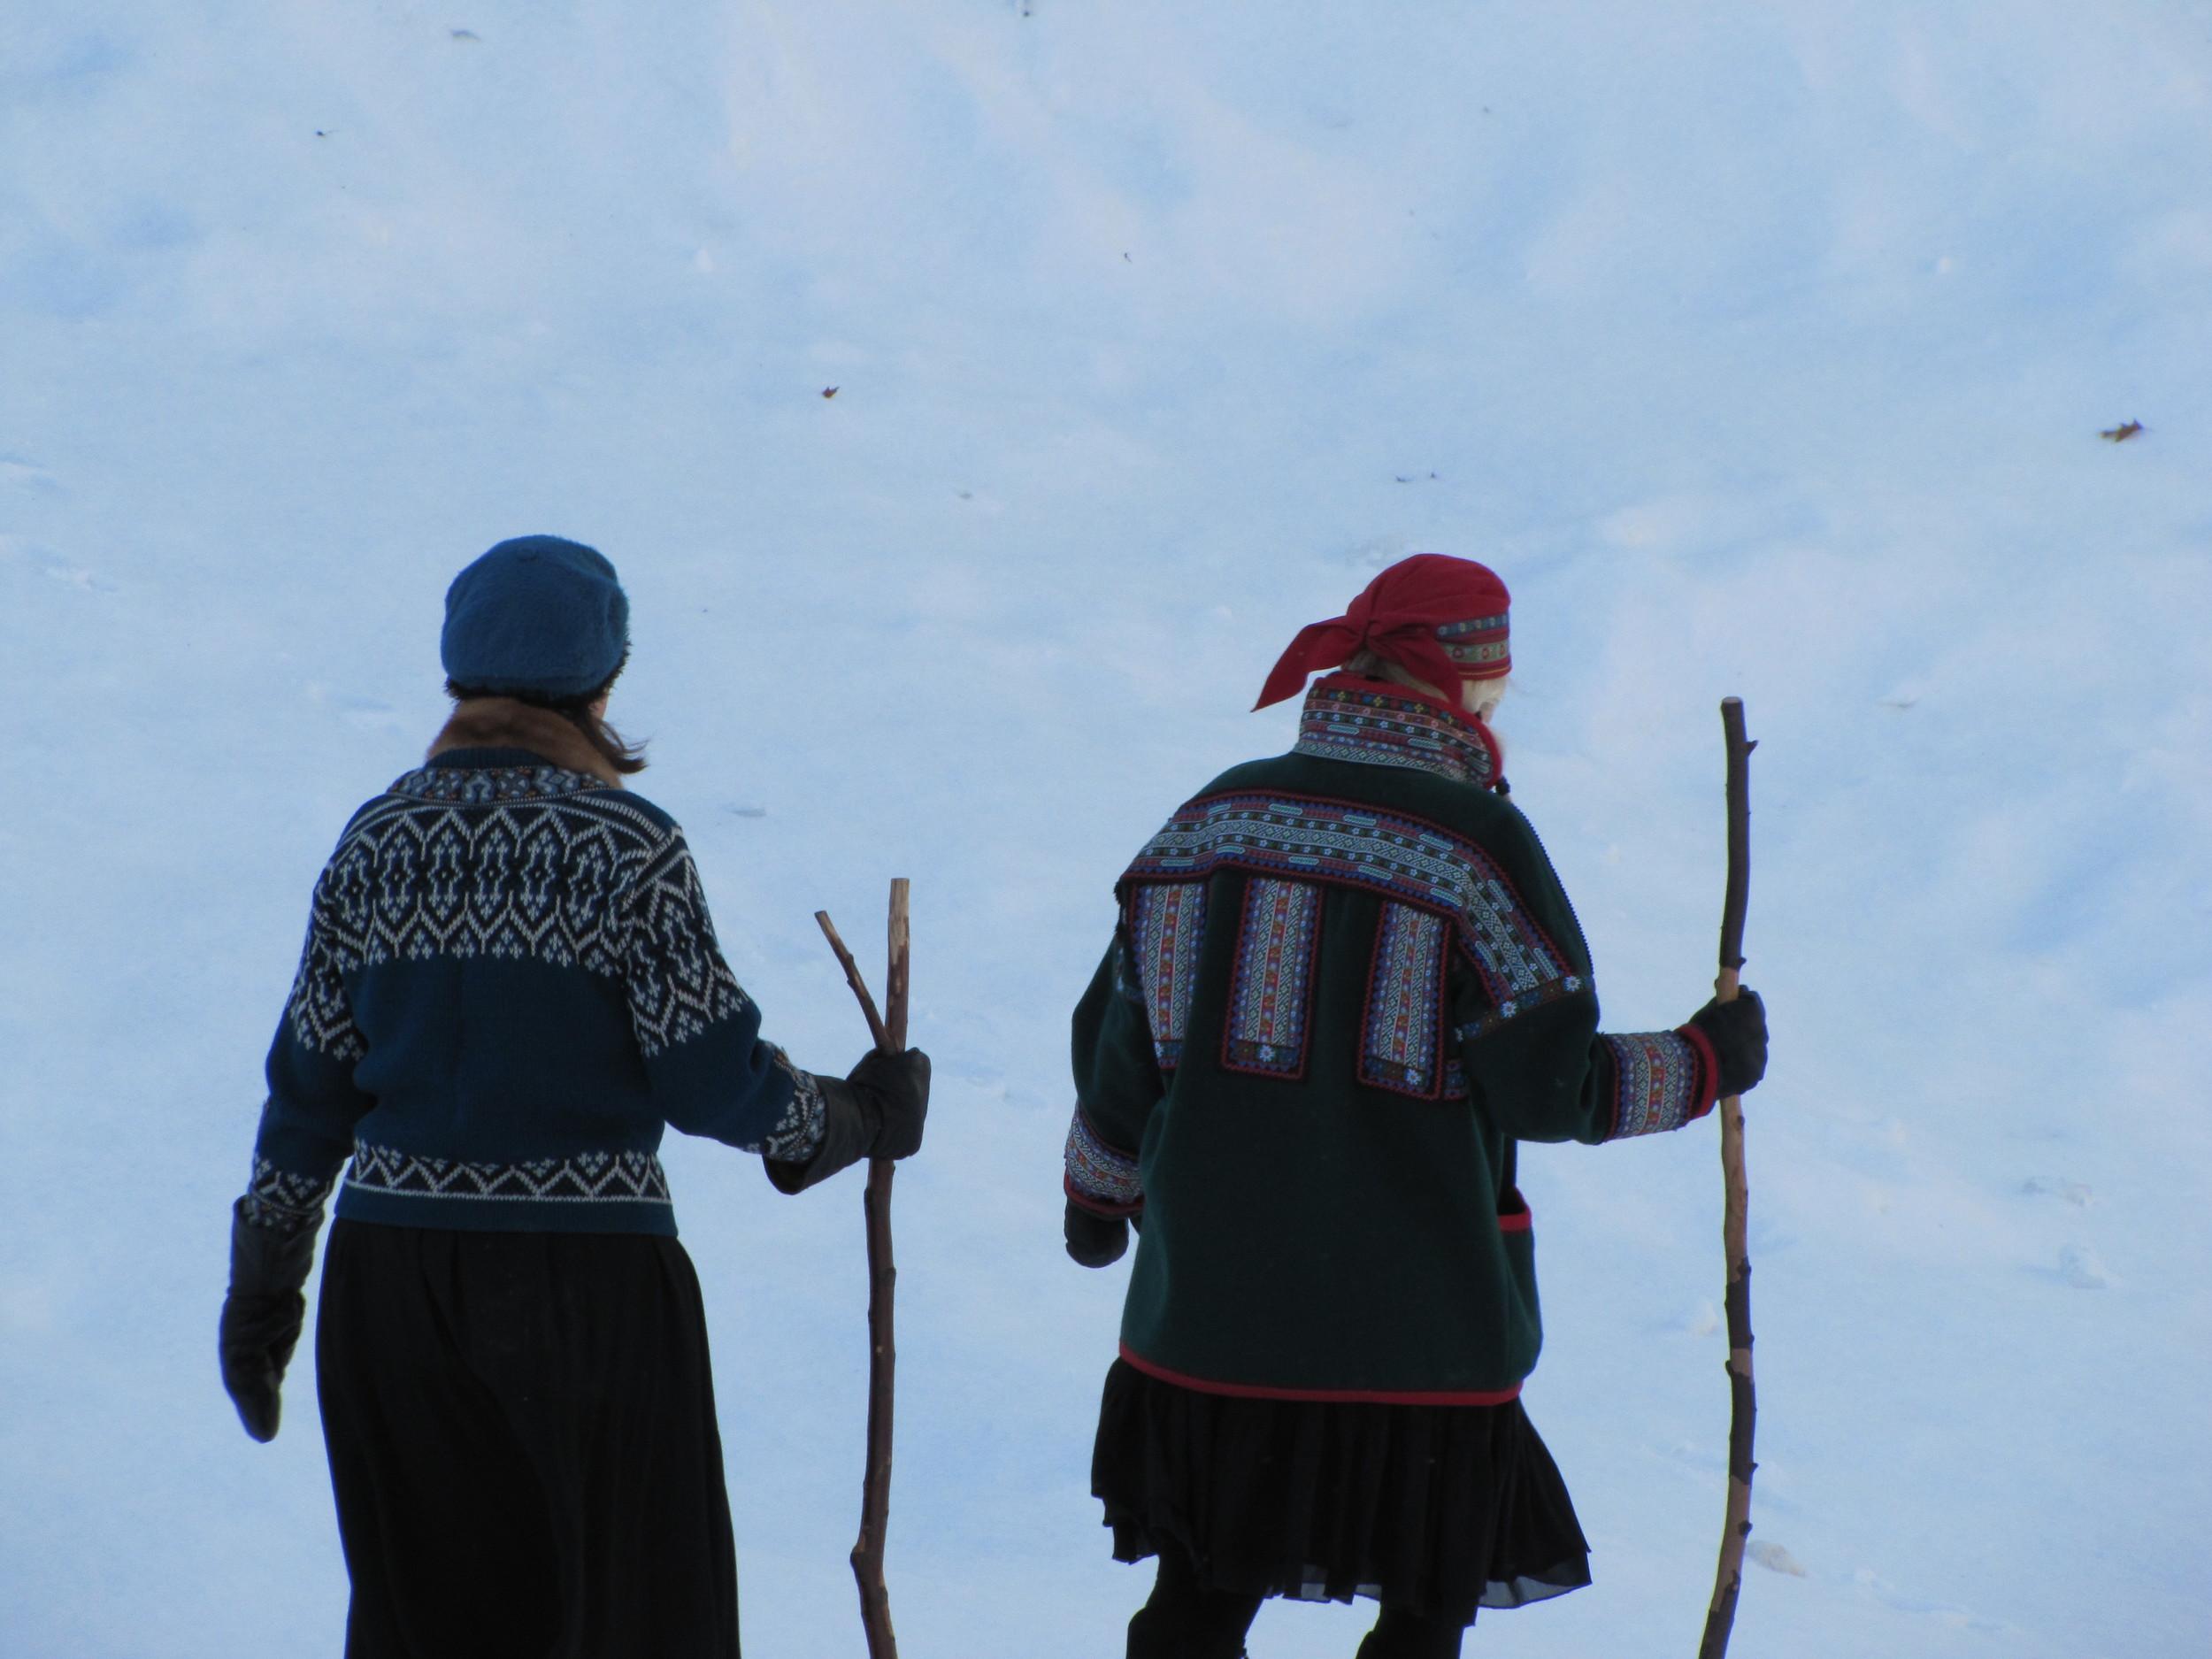 Kari Tauring and Lynette Reini-Grandell. Photo by Drew Miler.